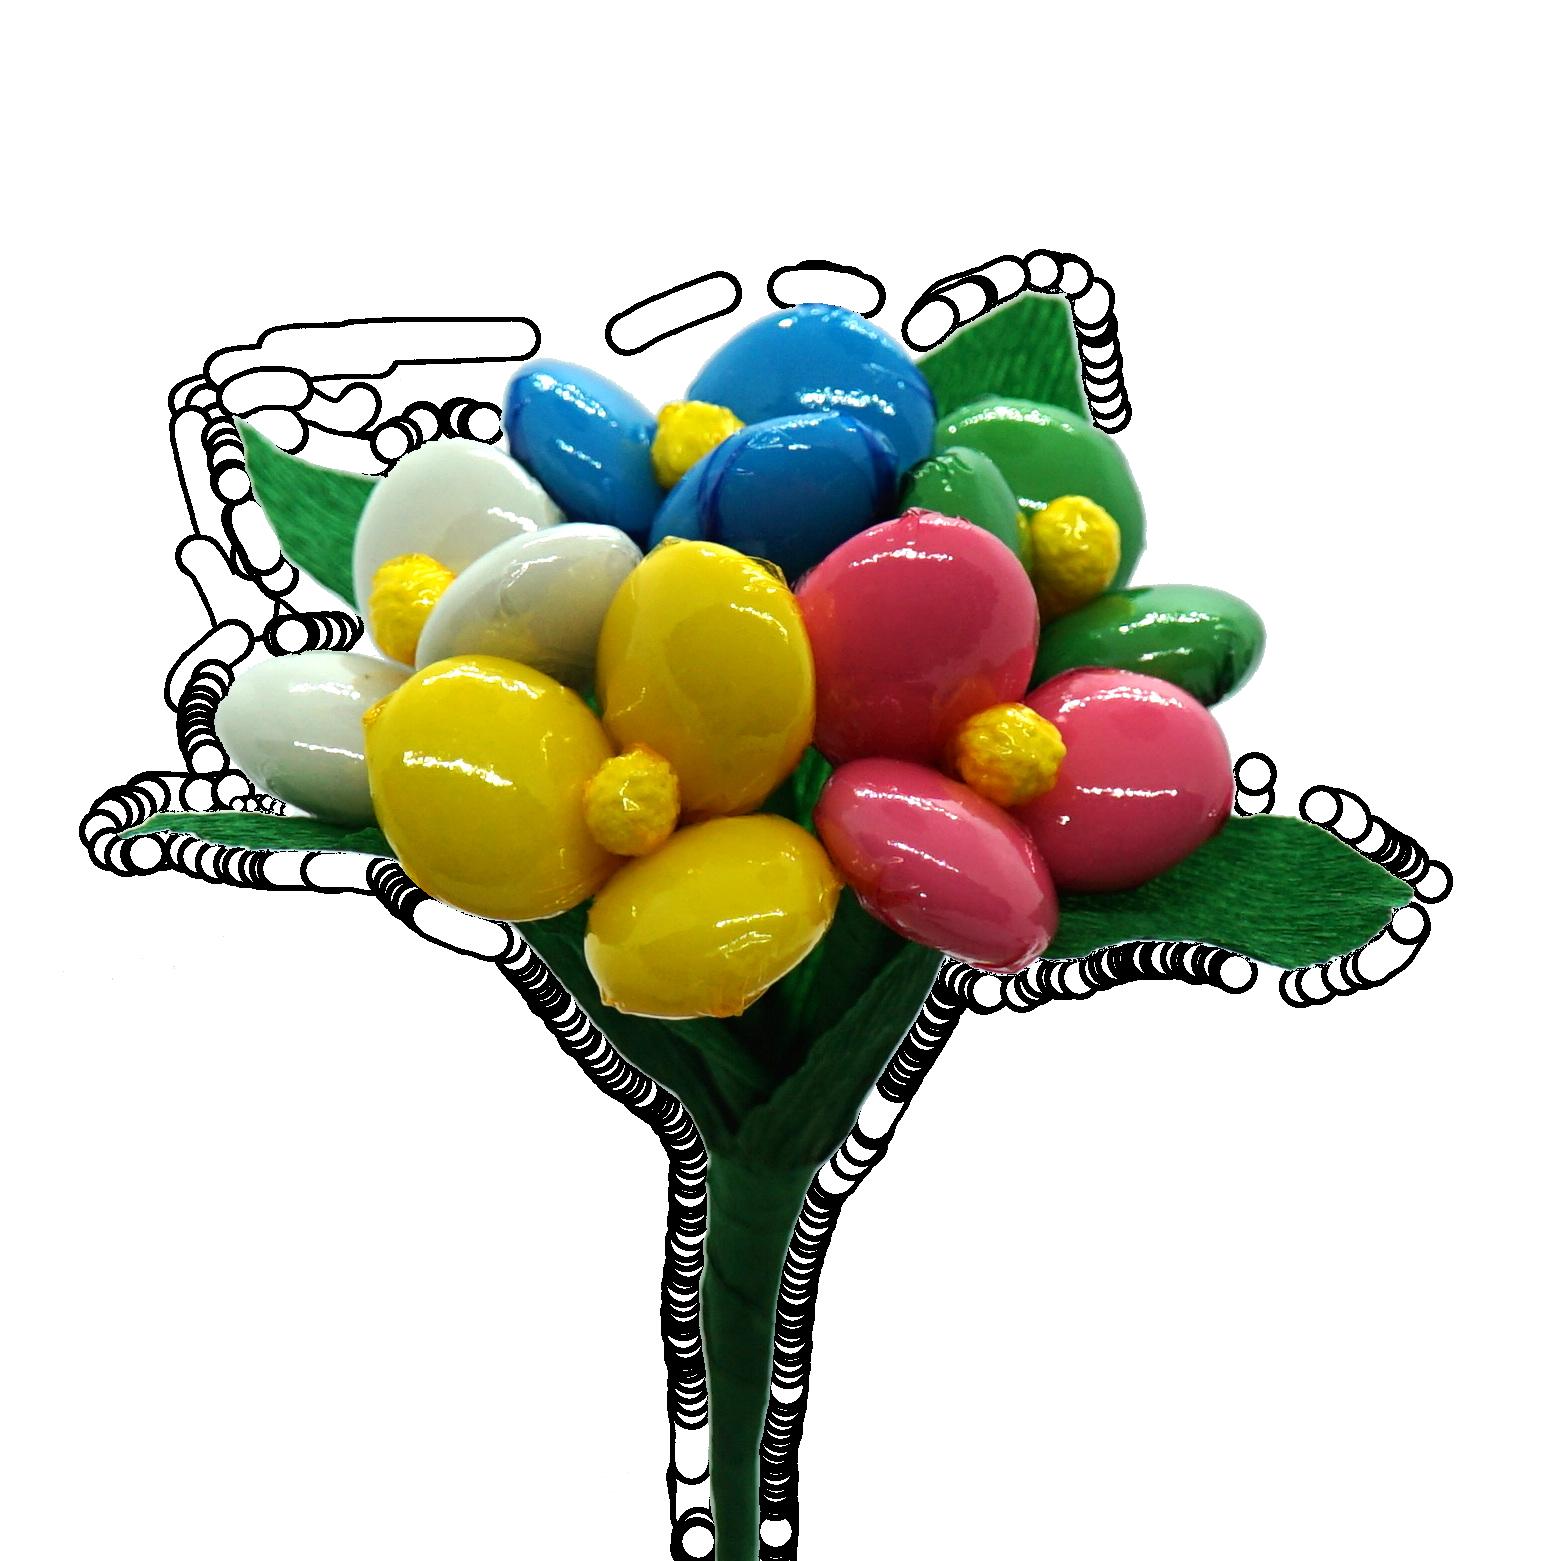 Květiny s čokoládou (bez ořechů a mandlí)